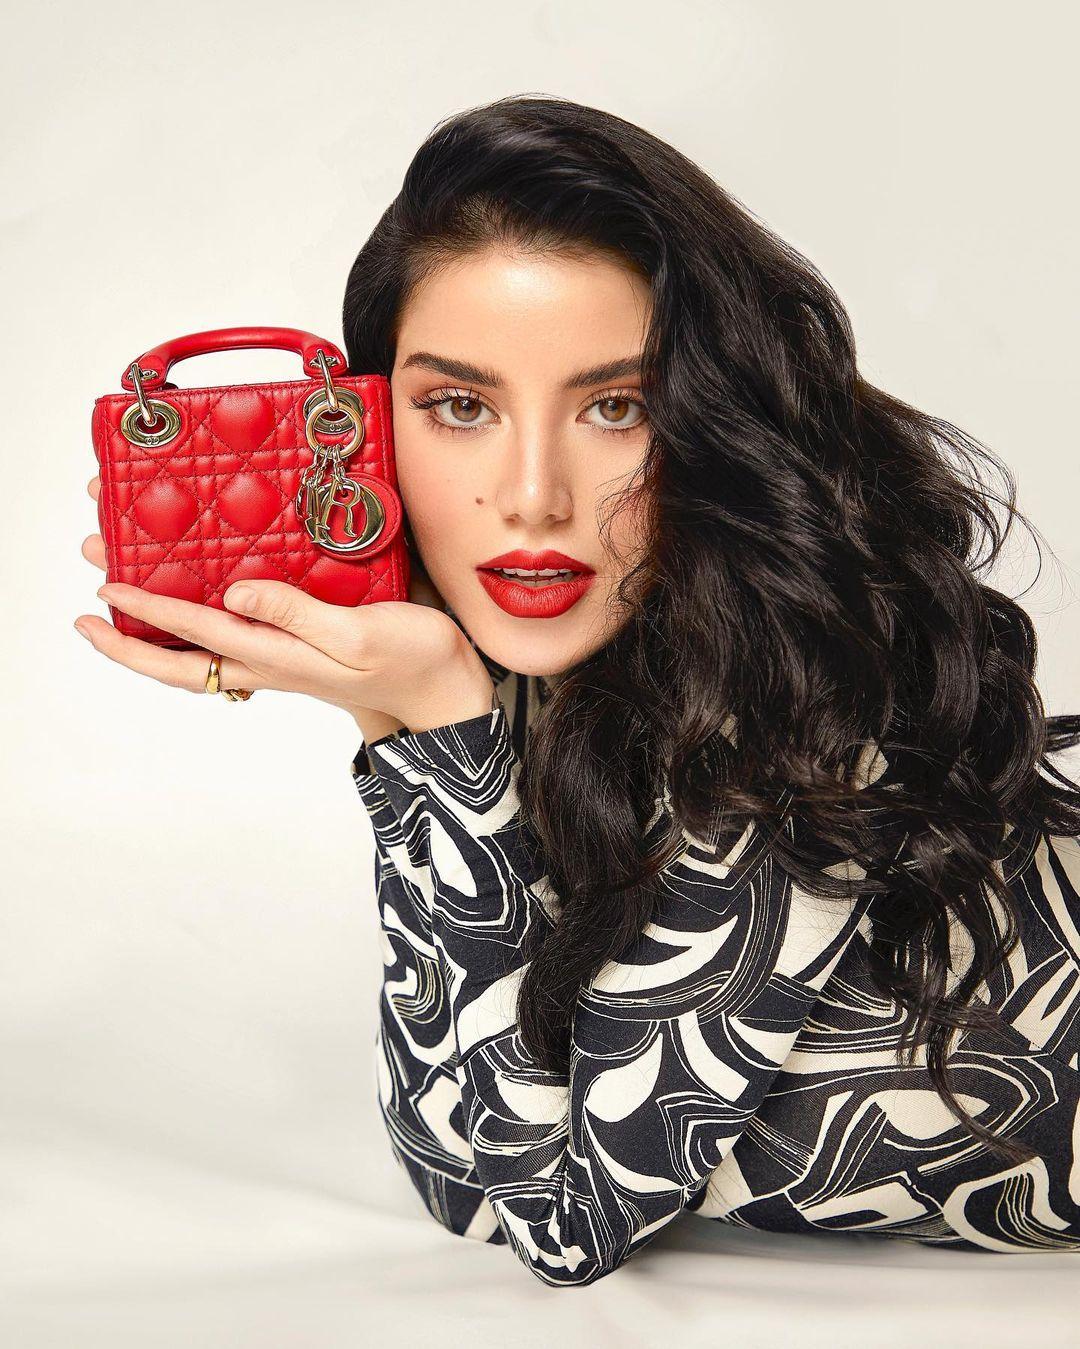 سينتيا صموئيل بحقيبة يد باللون الأحمر الصورة من حسابها على انستغرام